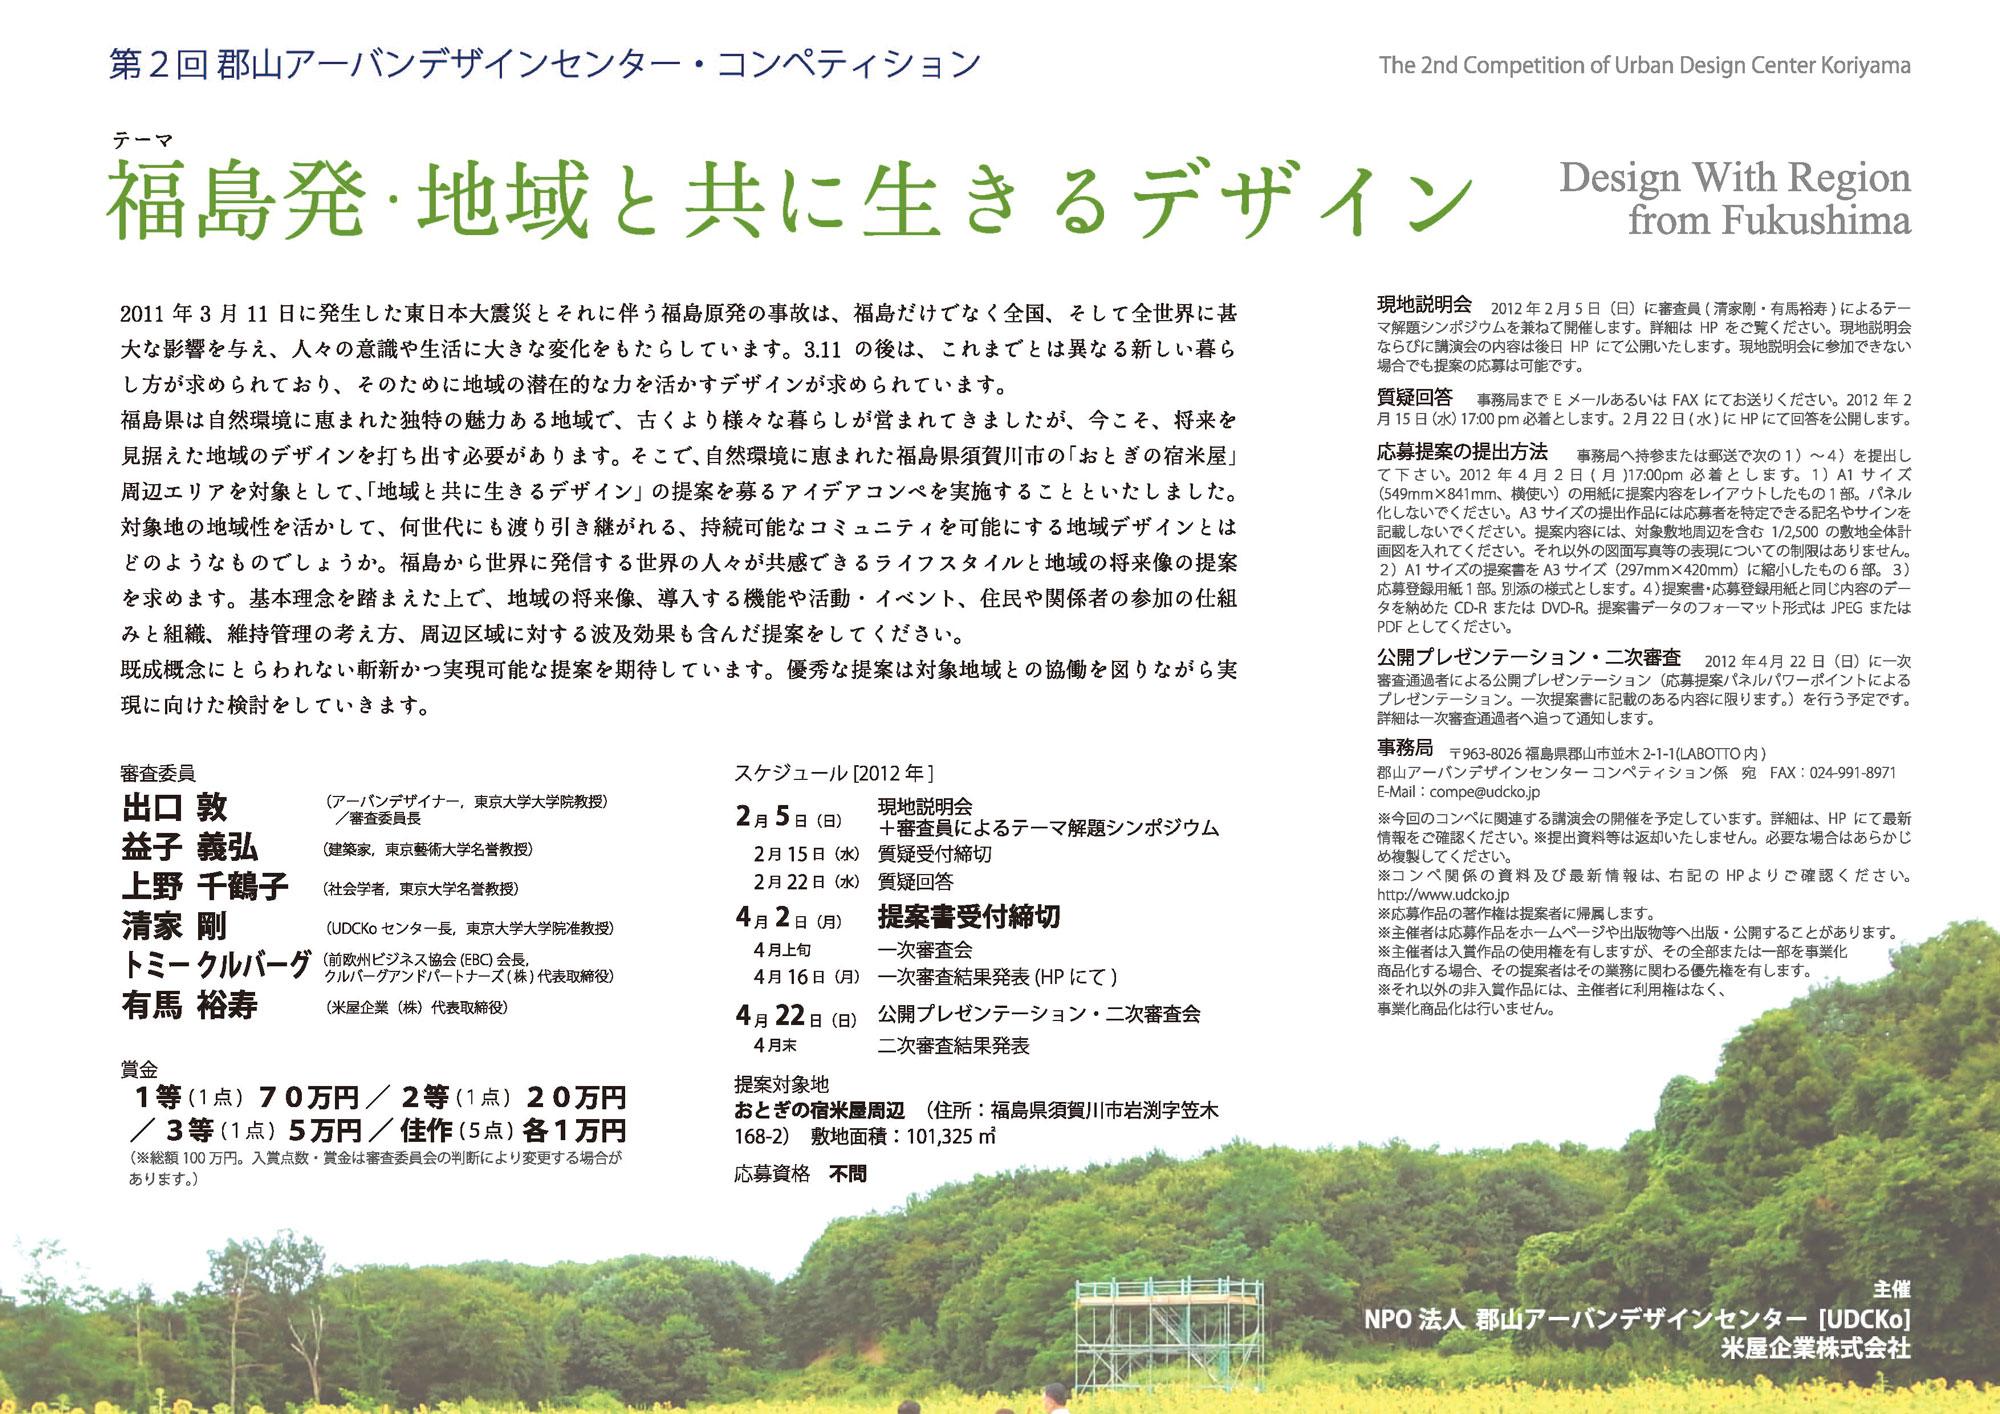 アーバンデザインコンペによる集落づくり(第2回UDCKoコンペ須賀川市岩渕) (2012)